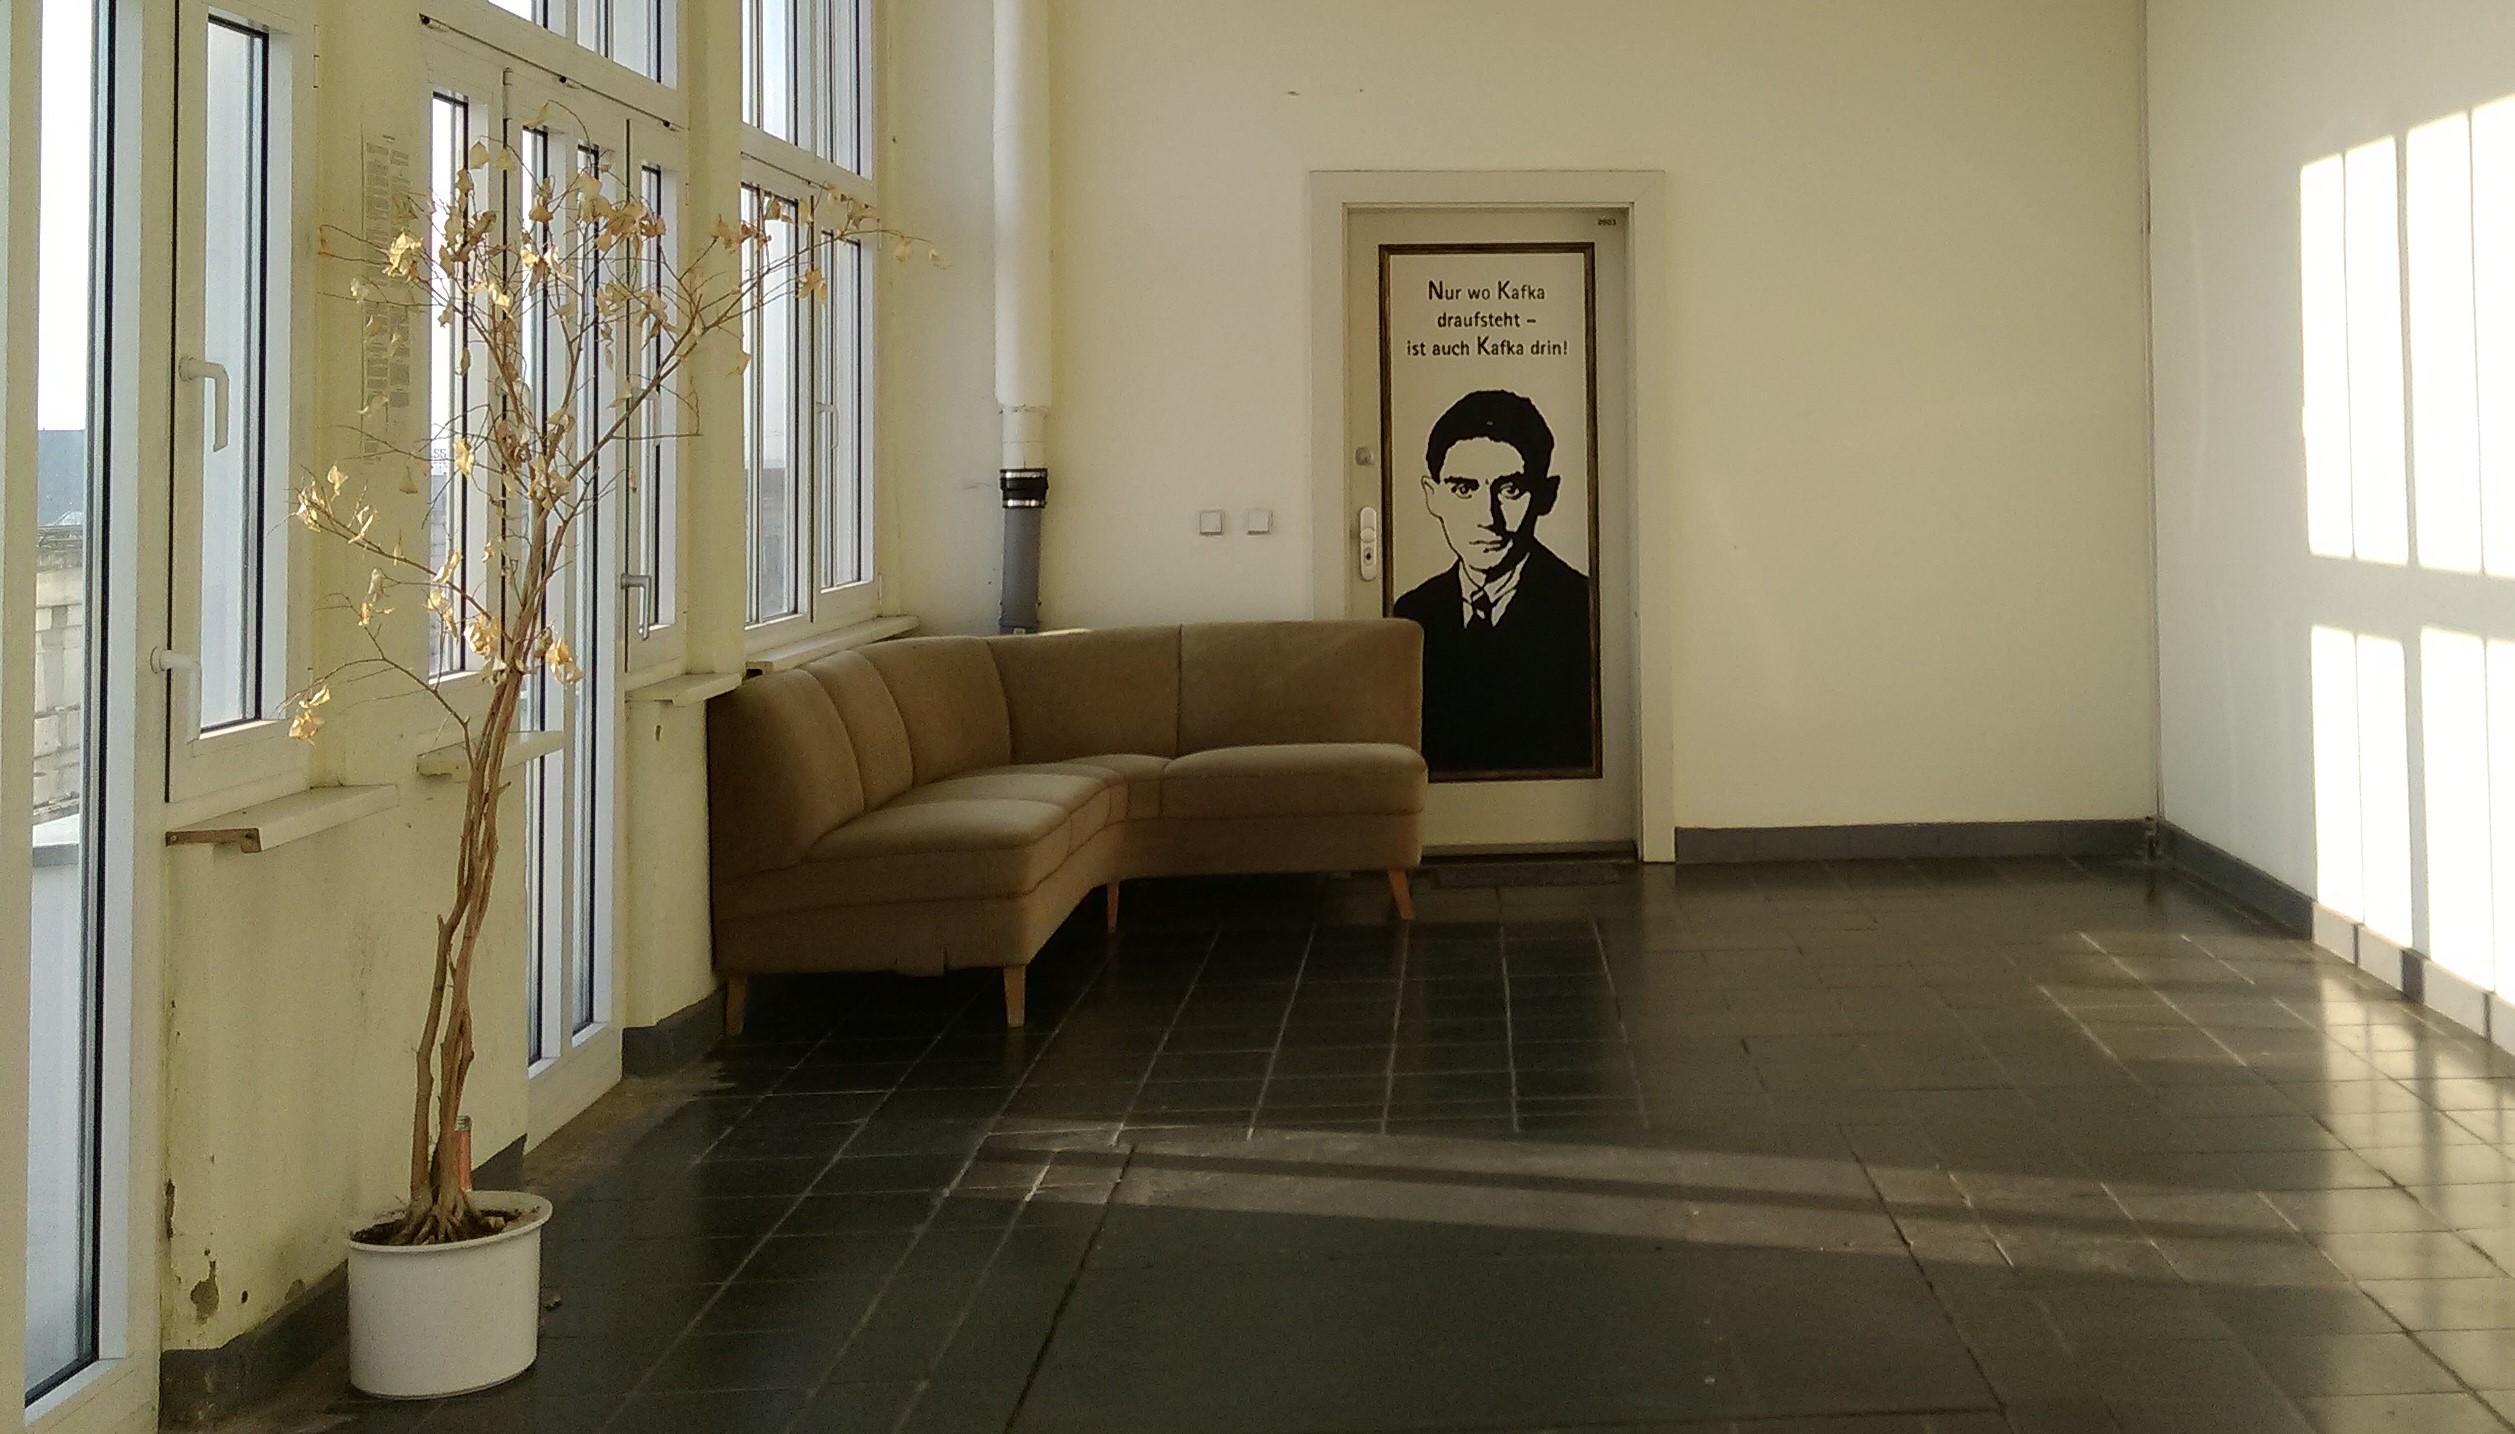 Foyer Des Arts Senf Drauf : Nellja veremej wo kafka drauf steht ist auch harras drin